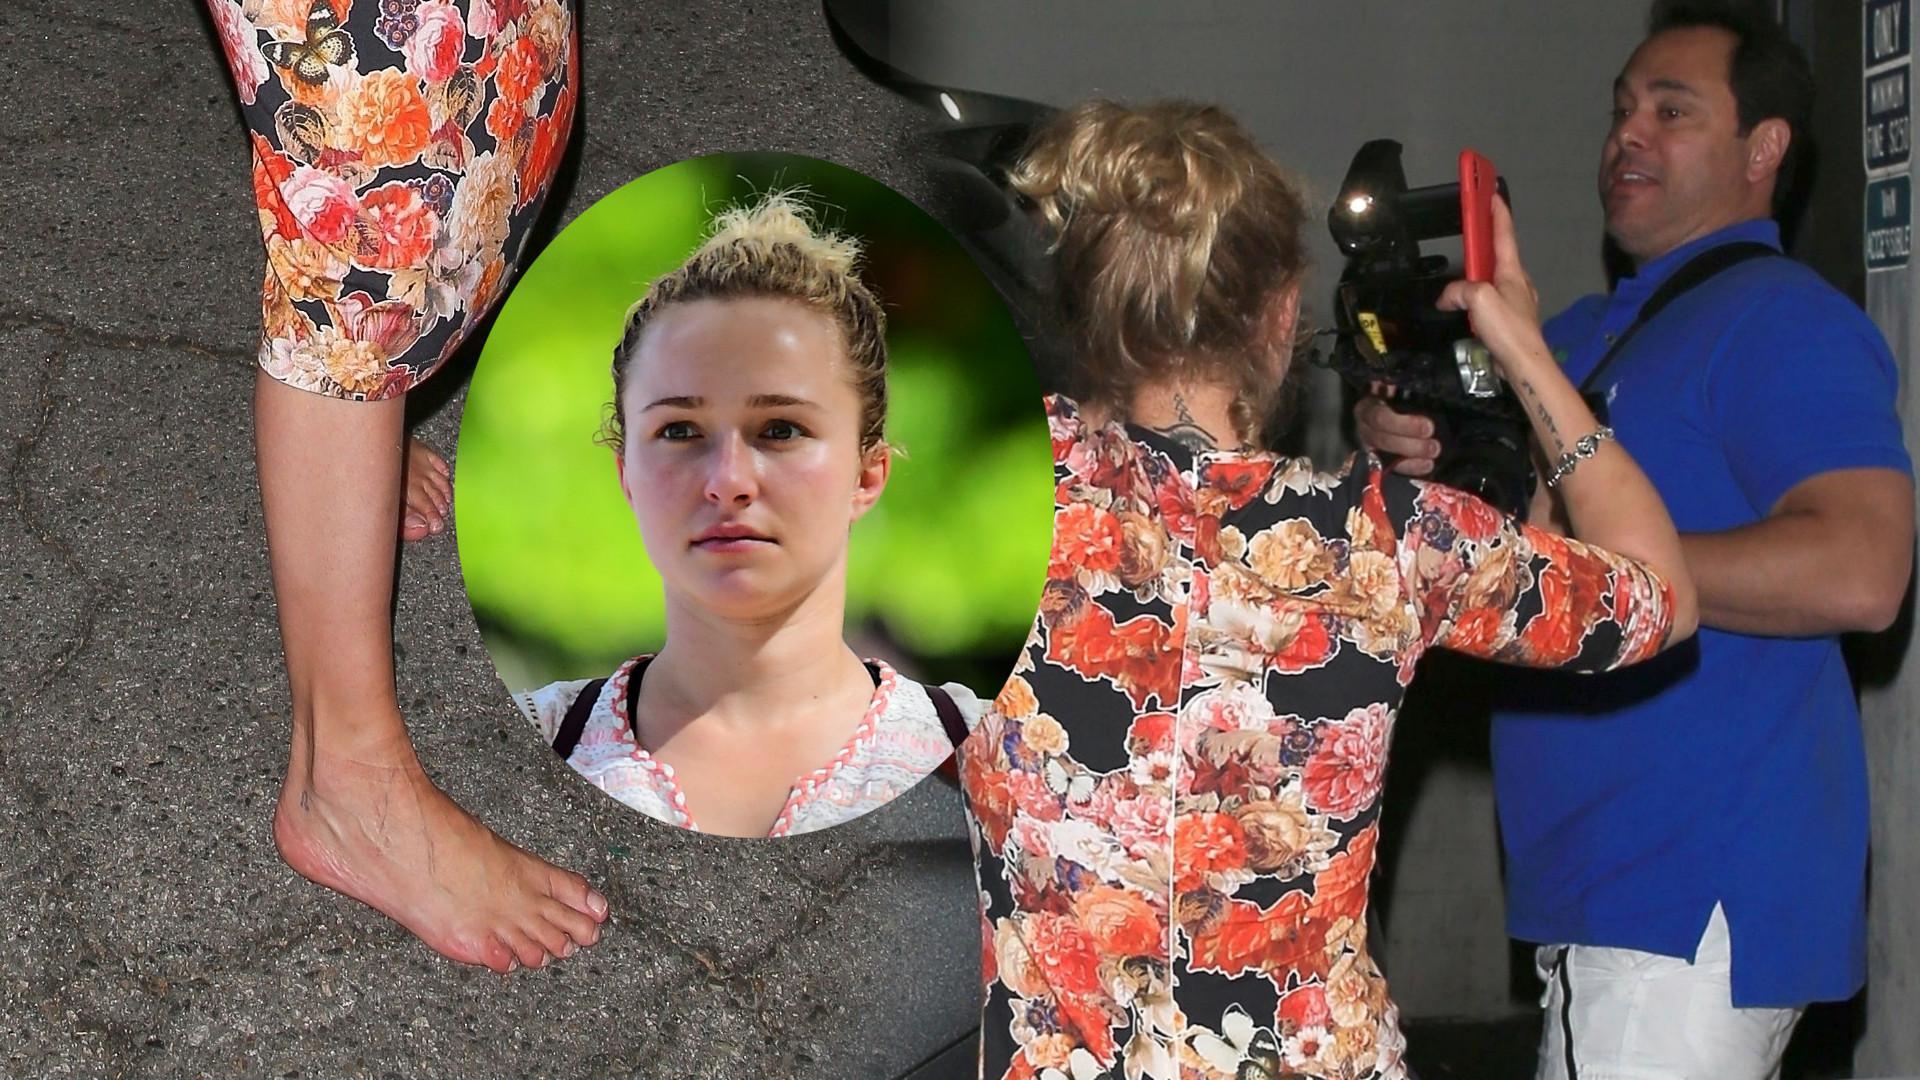 Co ona wyprawia? Hayden Panettiere z NOWYM facetem przegania paparazzi (ZDJĘCIA)